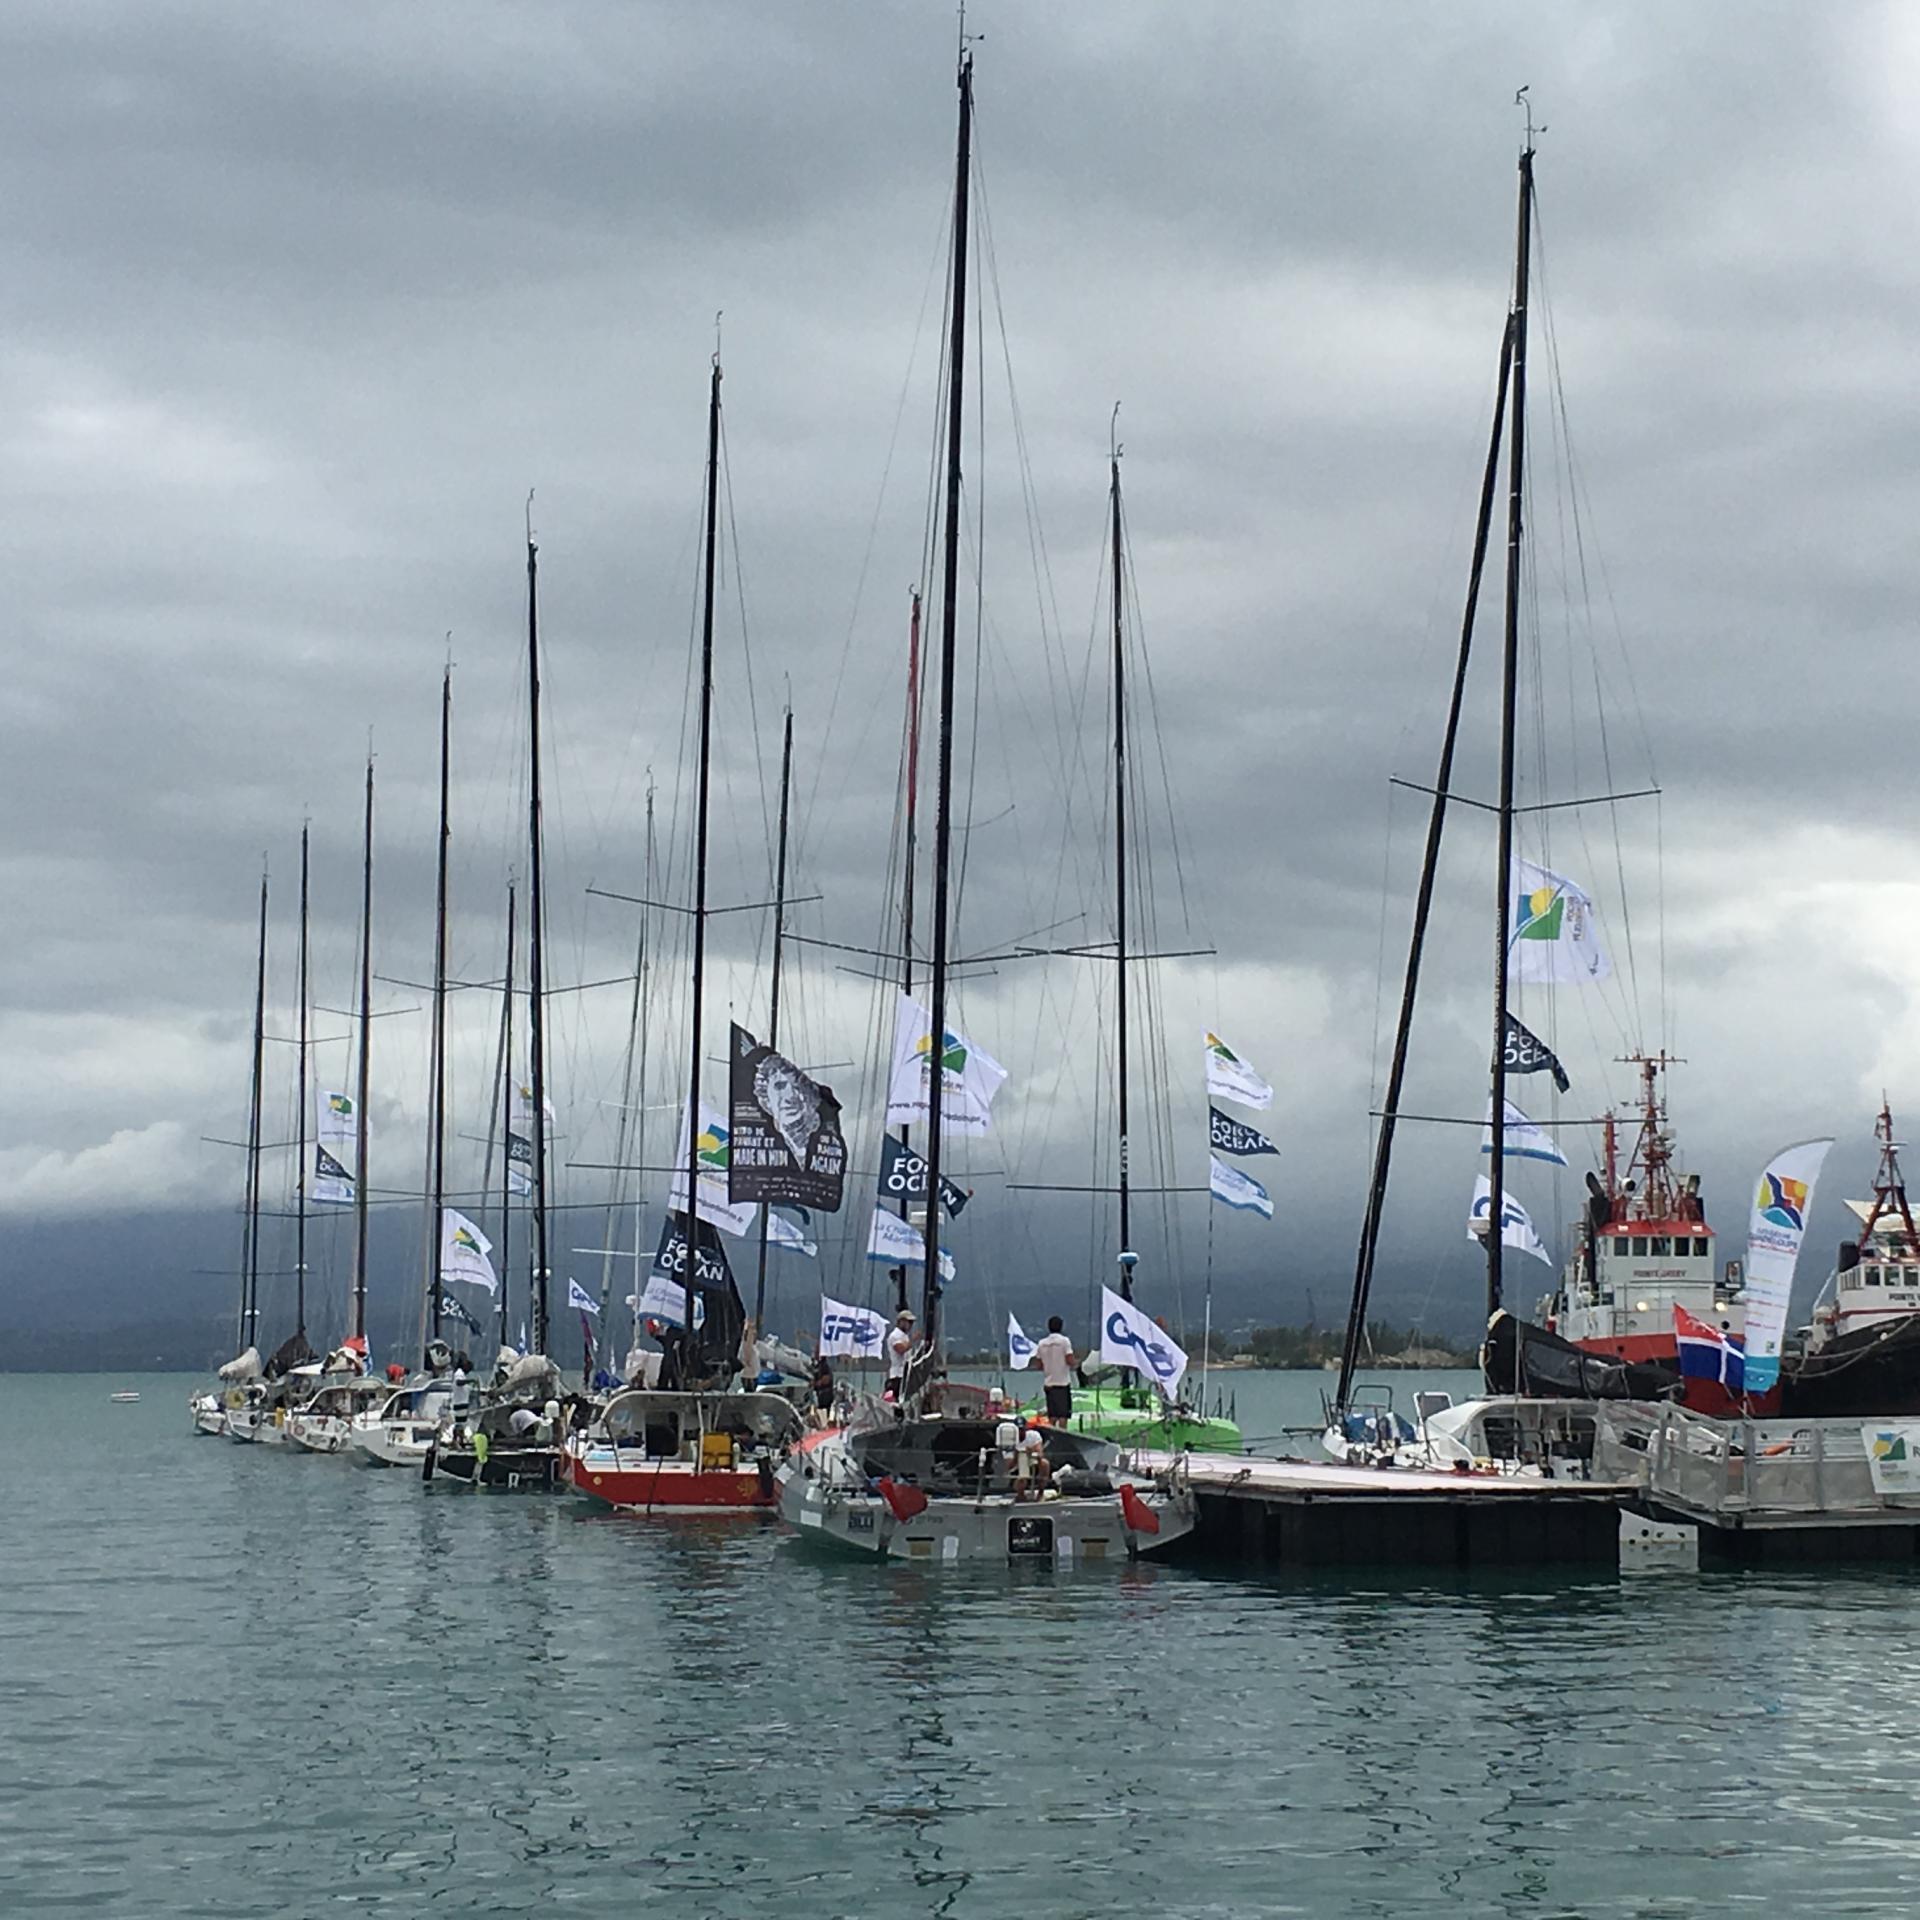 bateaux au départ d'une course vers La Rochelle